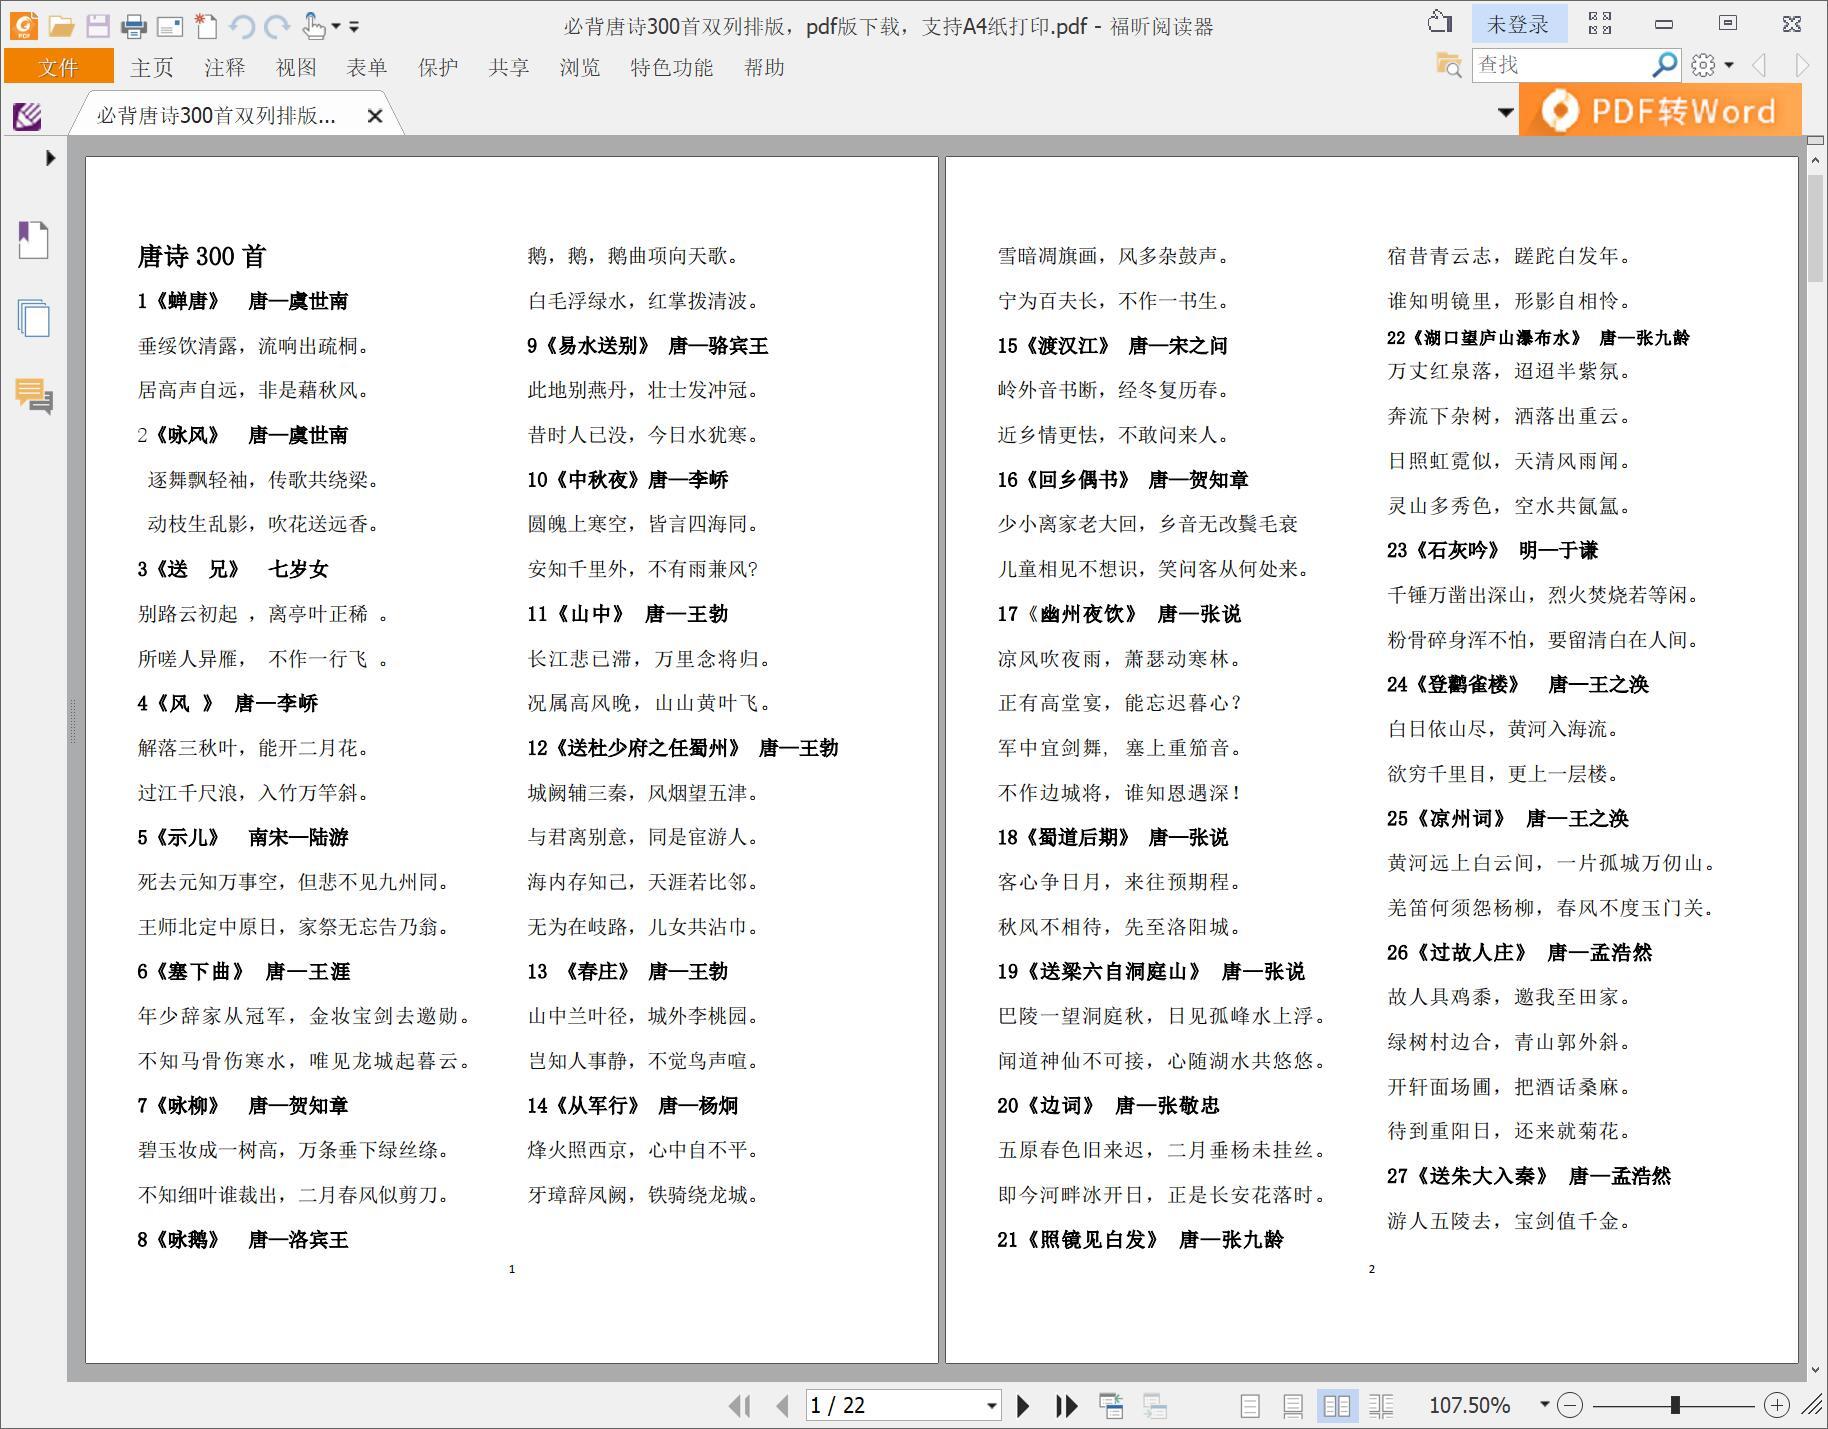 必背唐诗300首双栏排版,PDF和docx两个版本下载,支持A4纸打印